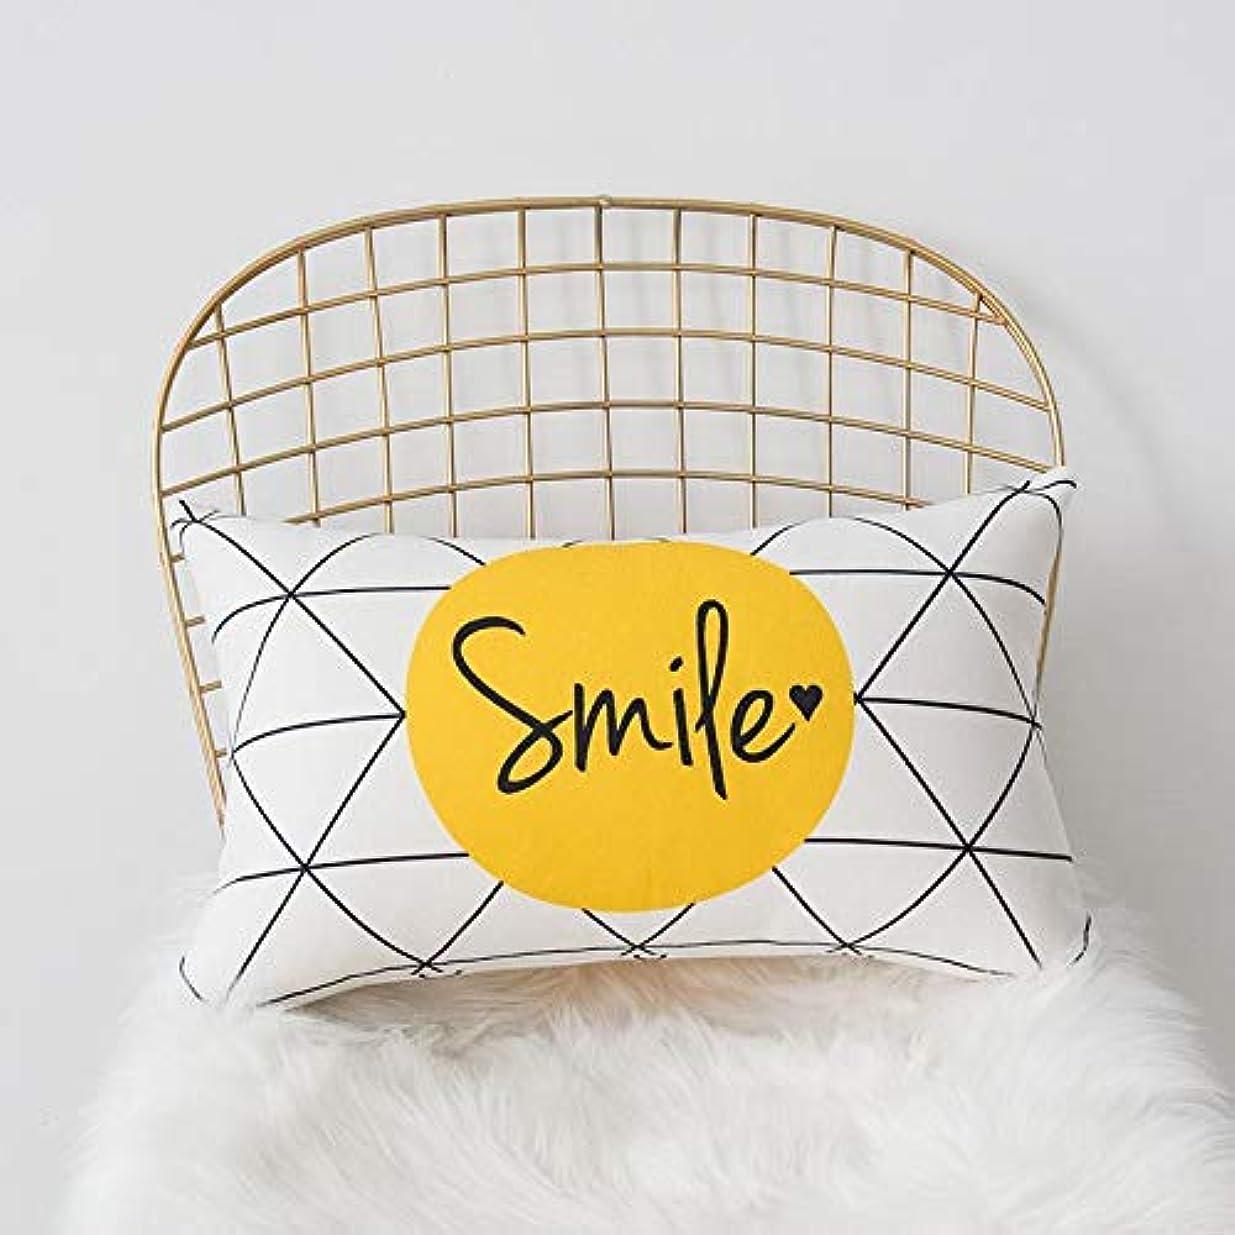 計器プールボスSMART 黄色グレー枕北欧スタイル黄色ヘラジカ幾何枕リビングルームのインテリアソファクッション Cojines 装飾良質 クッション 椅子